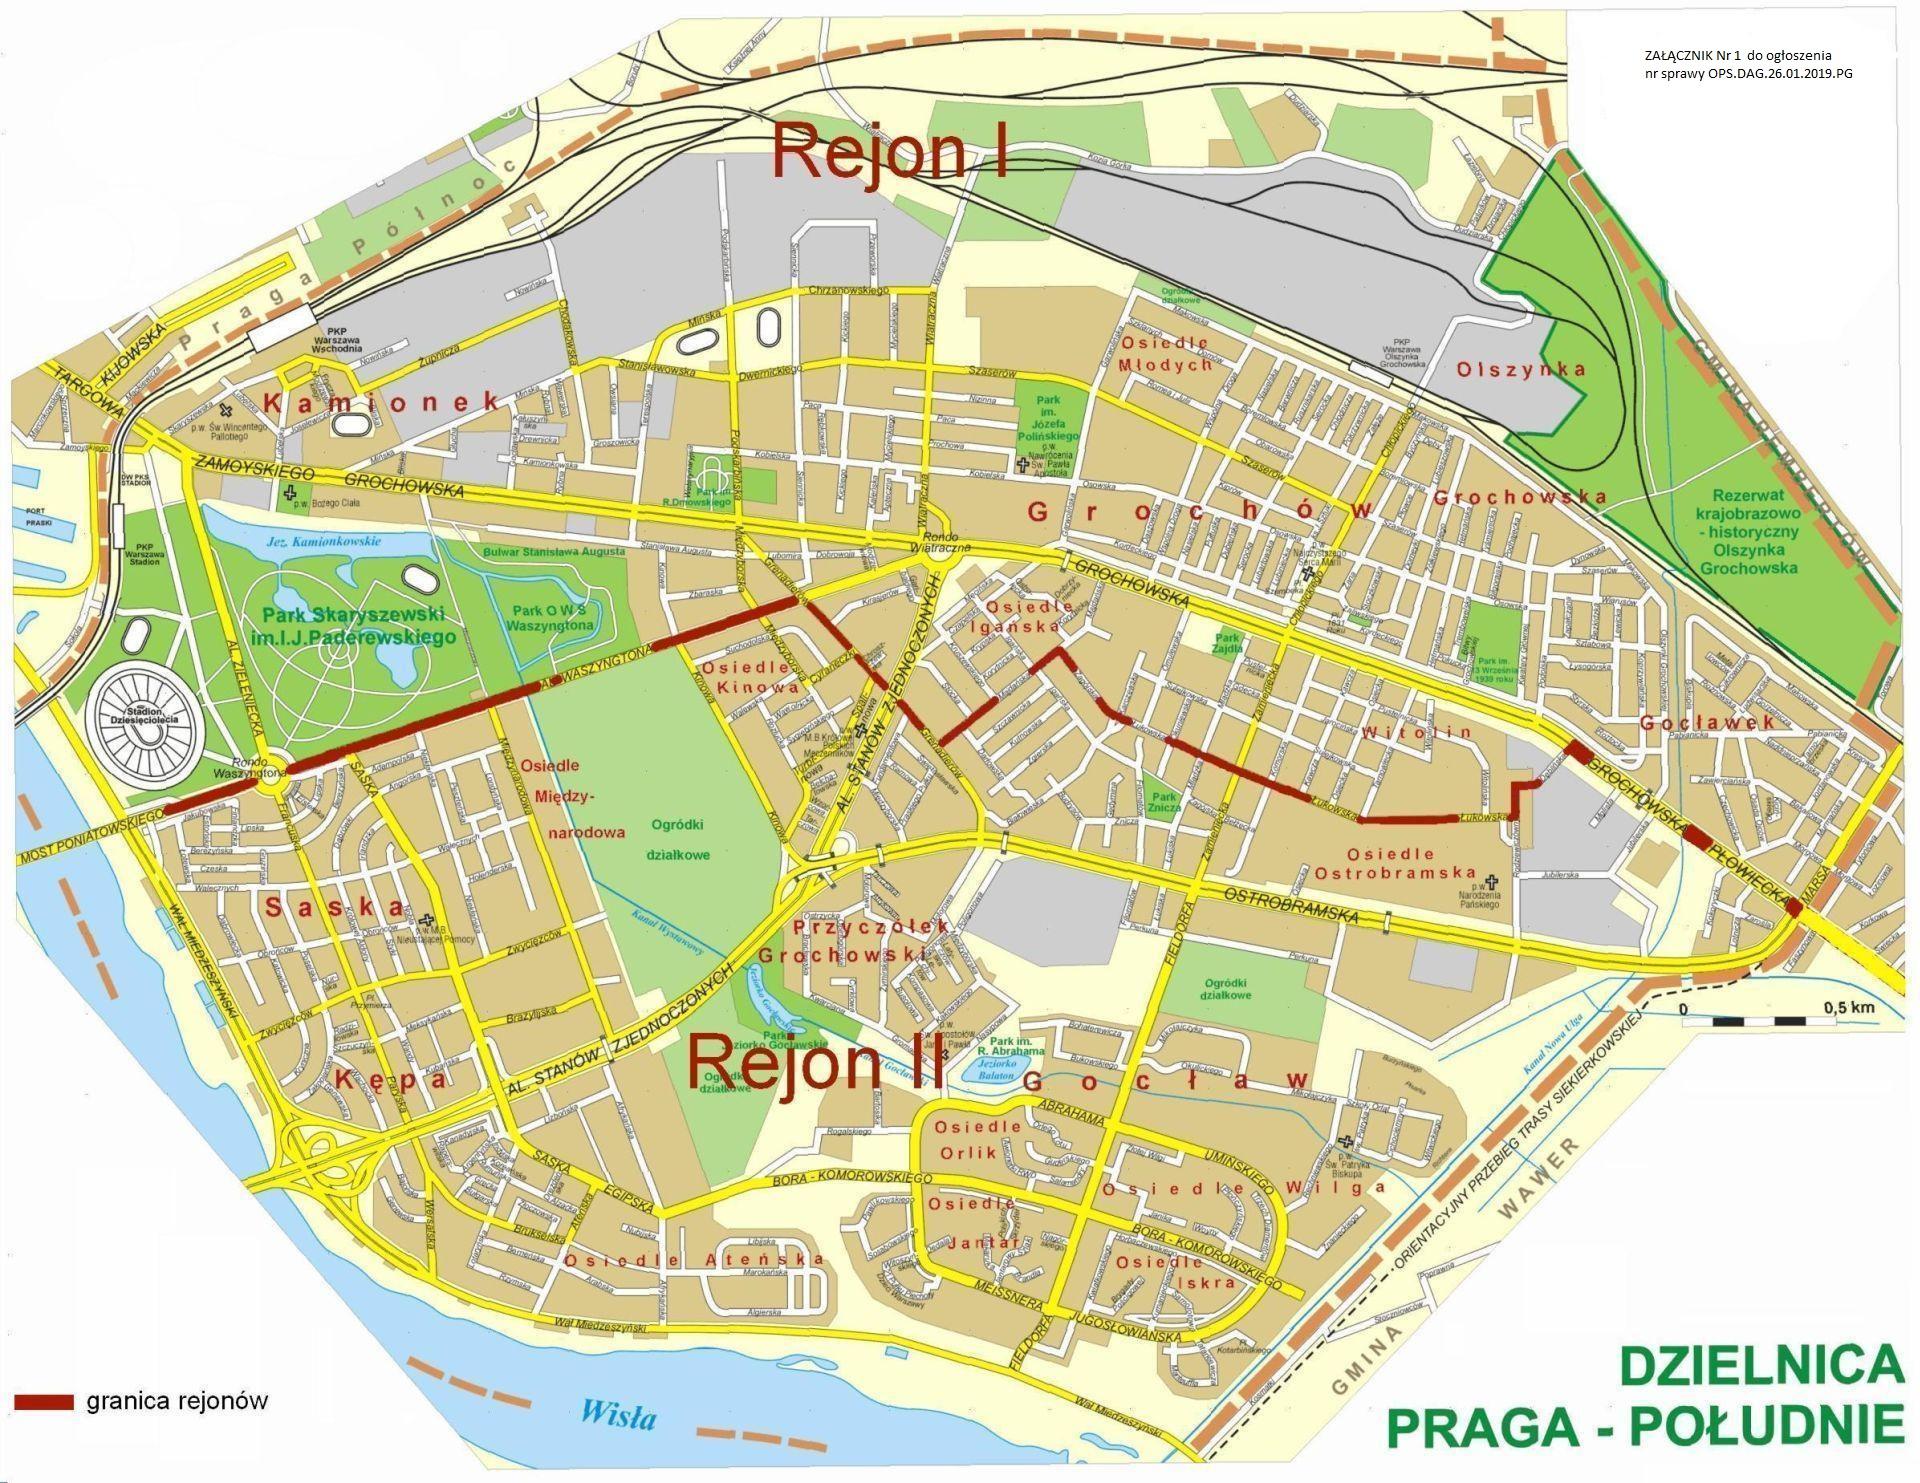 Ops Praga Poludnie